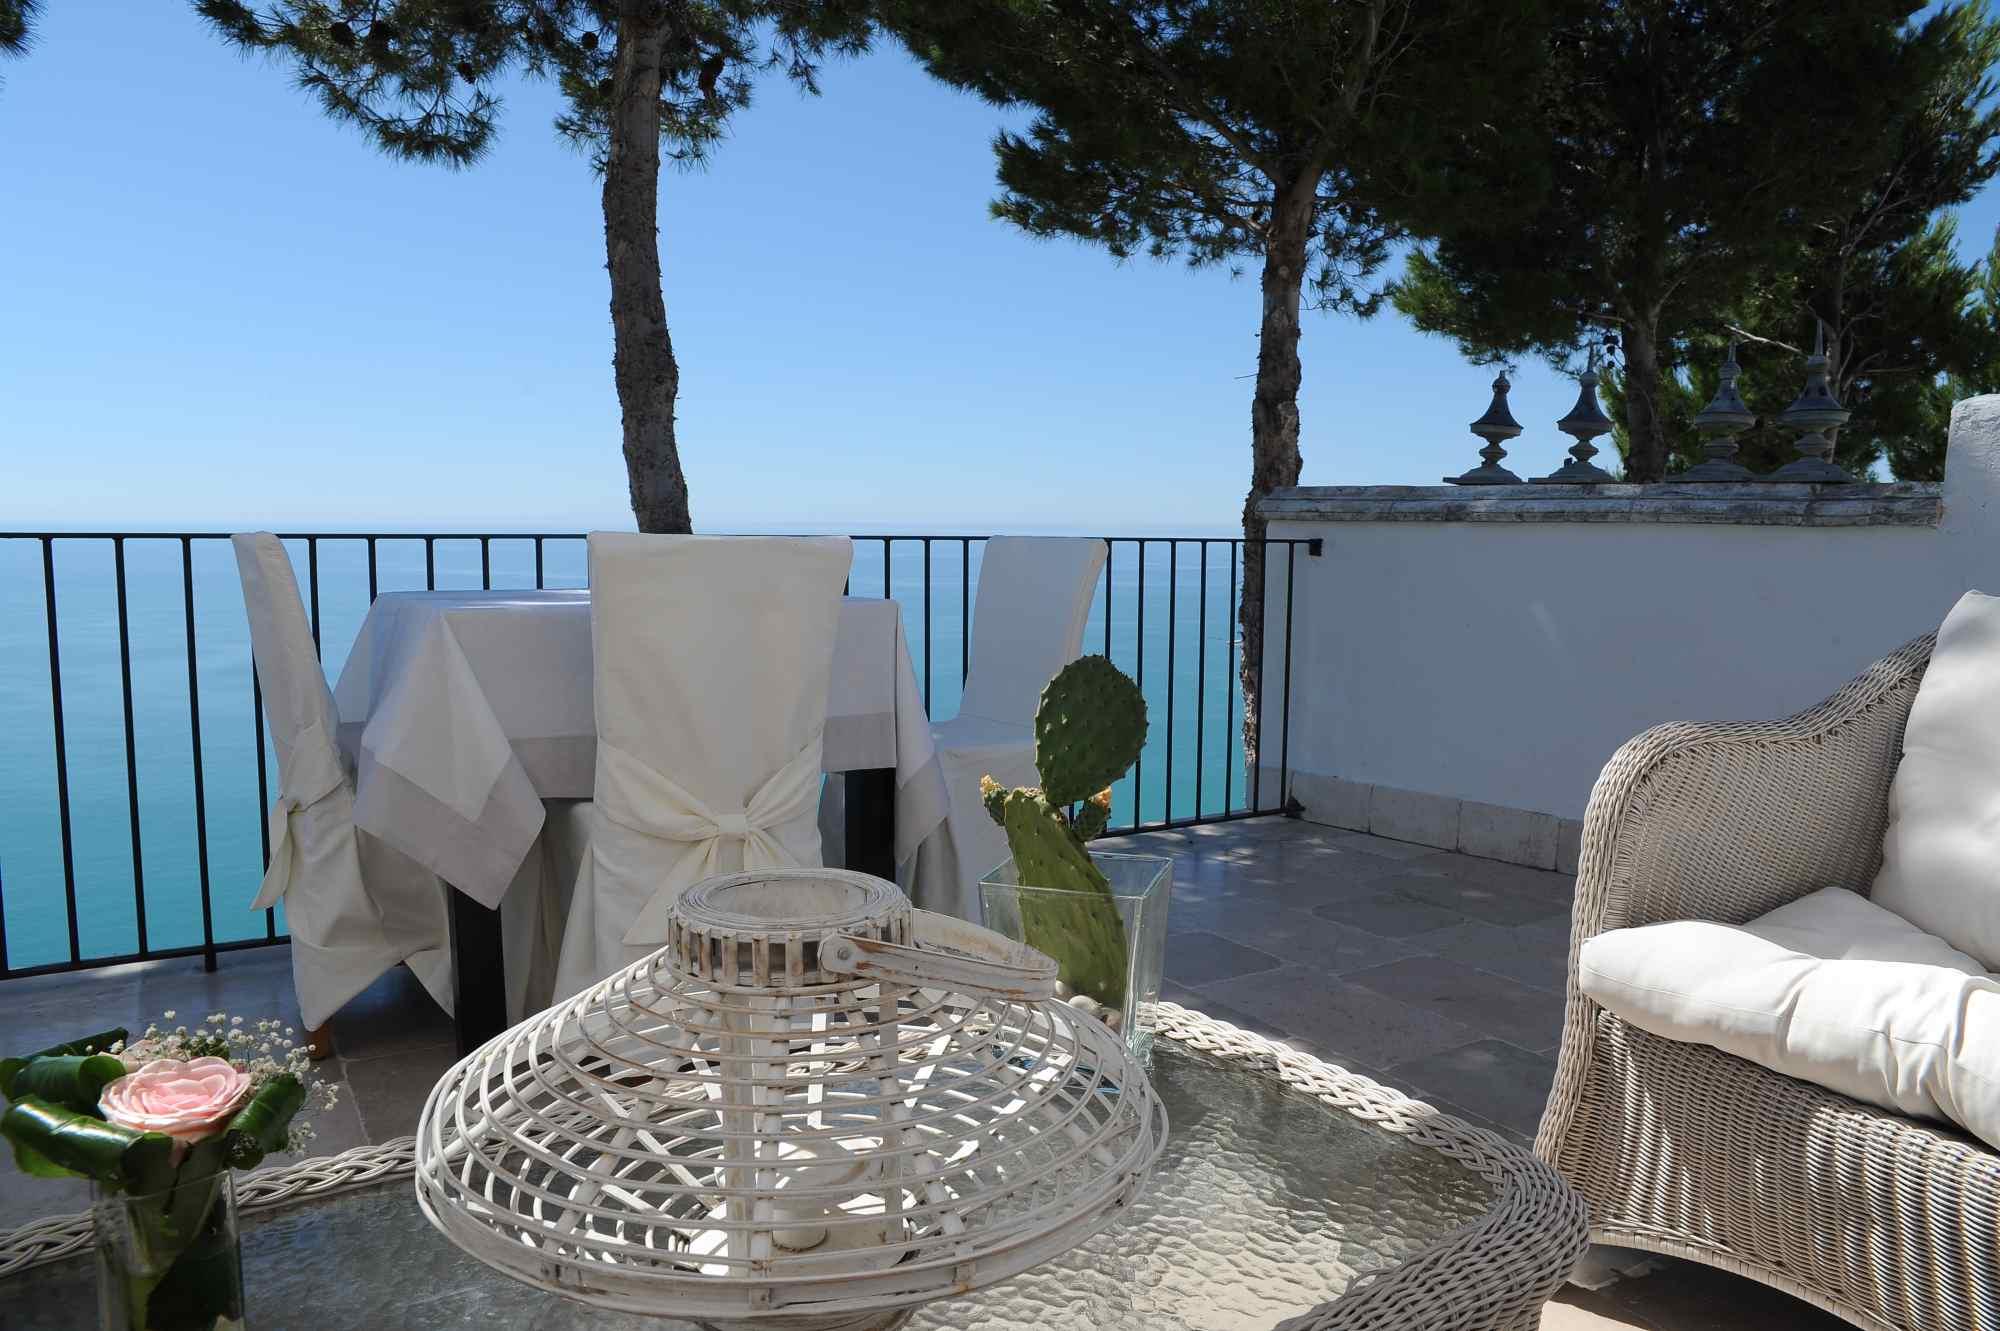 bar-ristorante-esterno-interno-terrazza-vista-mare-mattinata ...